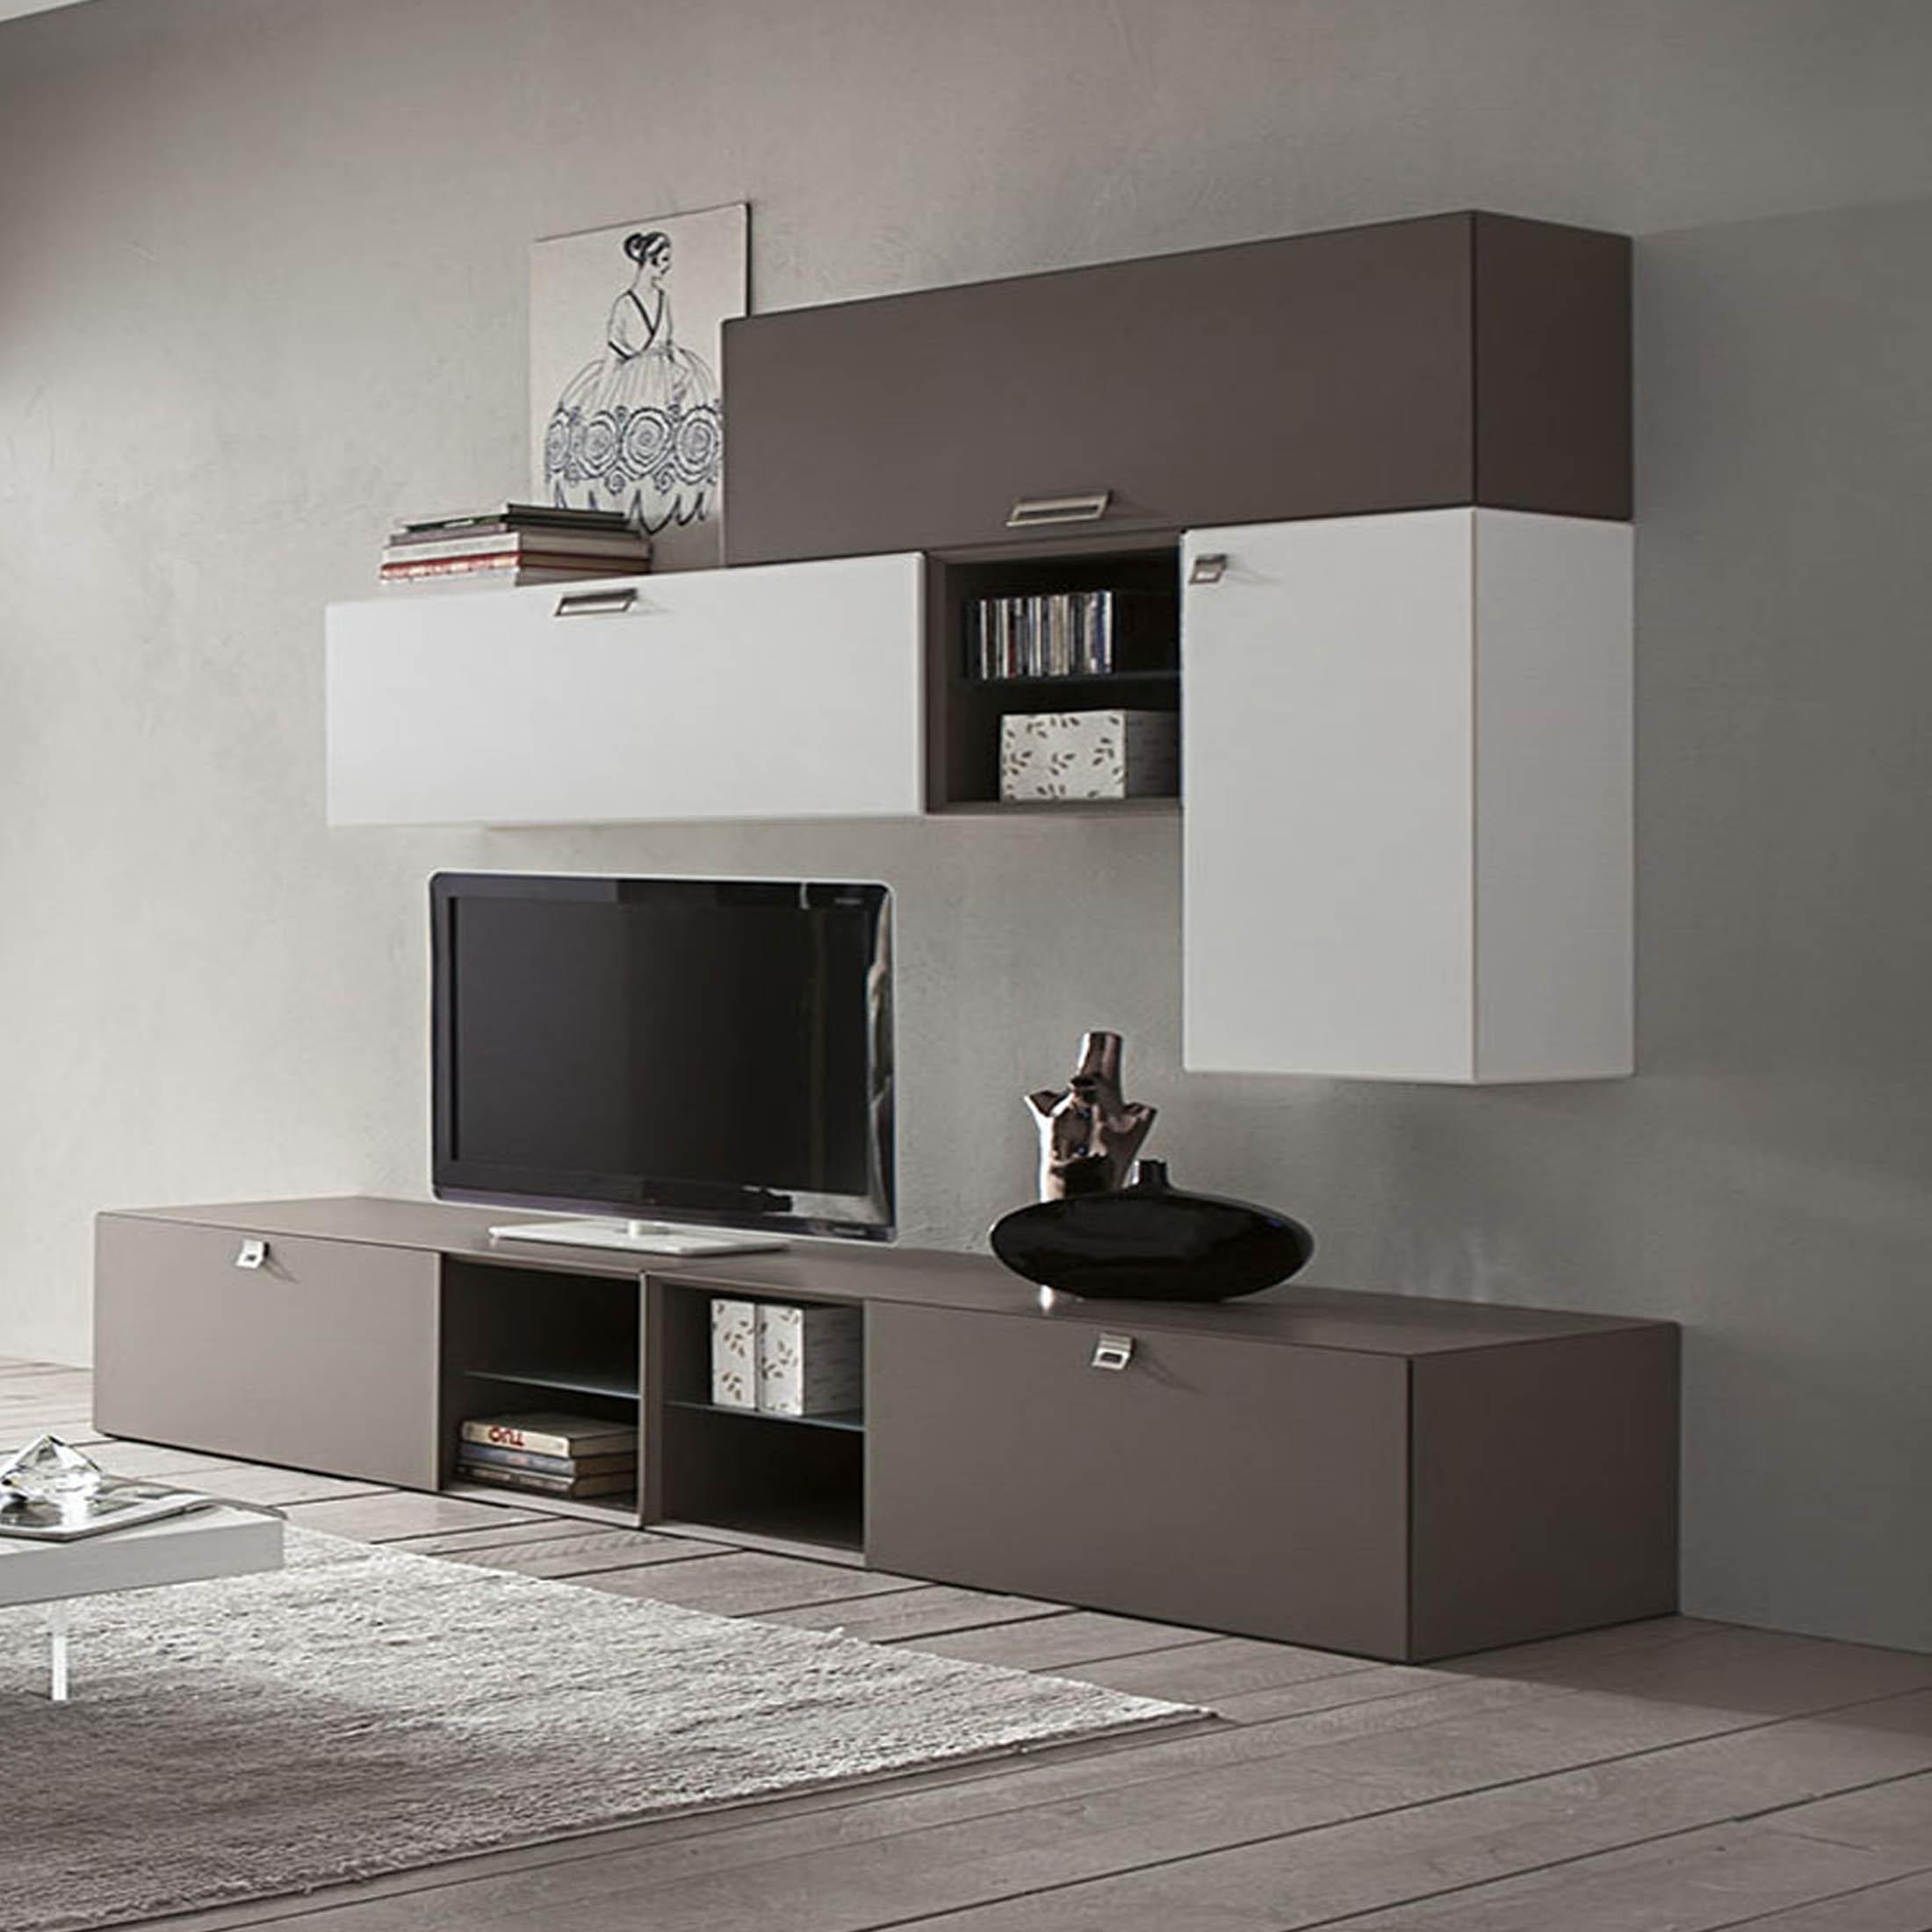 Lego Bookcase La Primavera Composition 610 At My Italian Living Ltd In Bookcase With Tv Unit (#9 of 15)